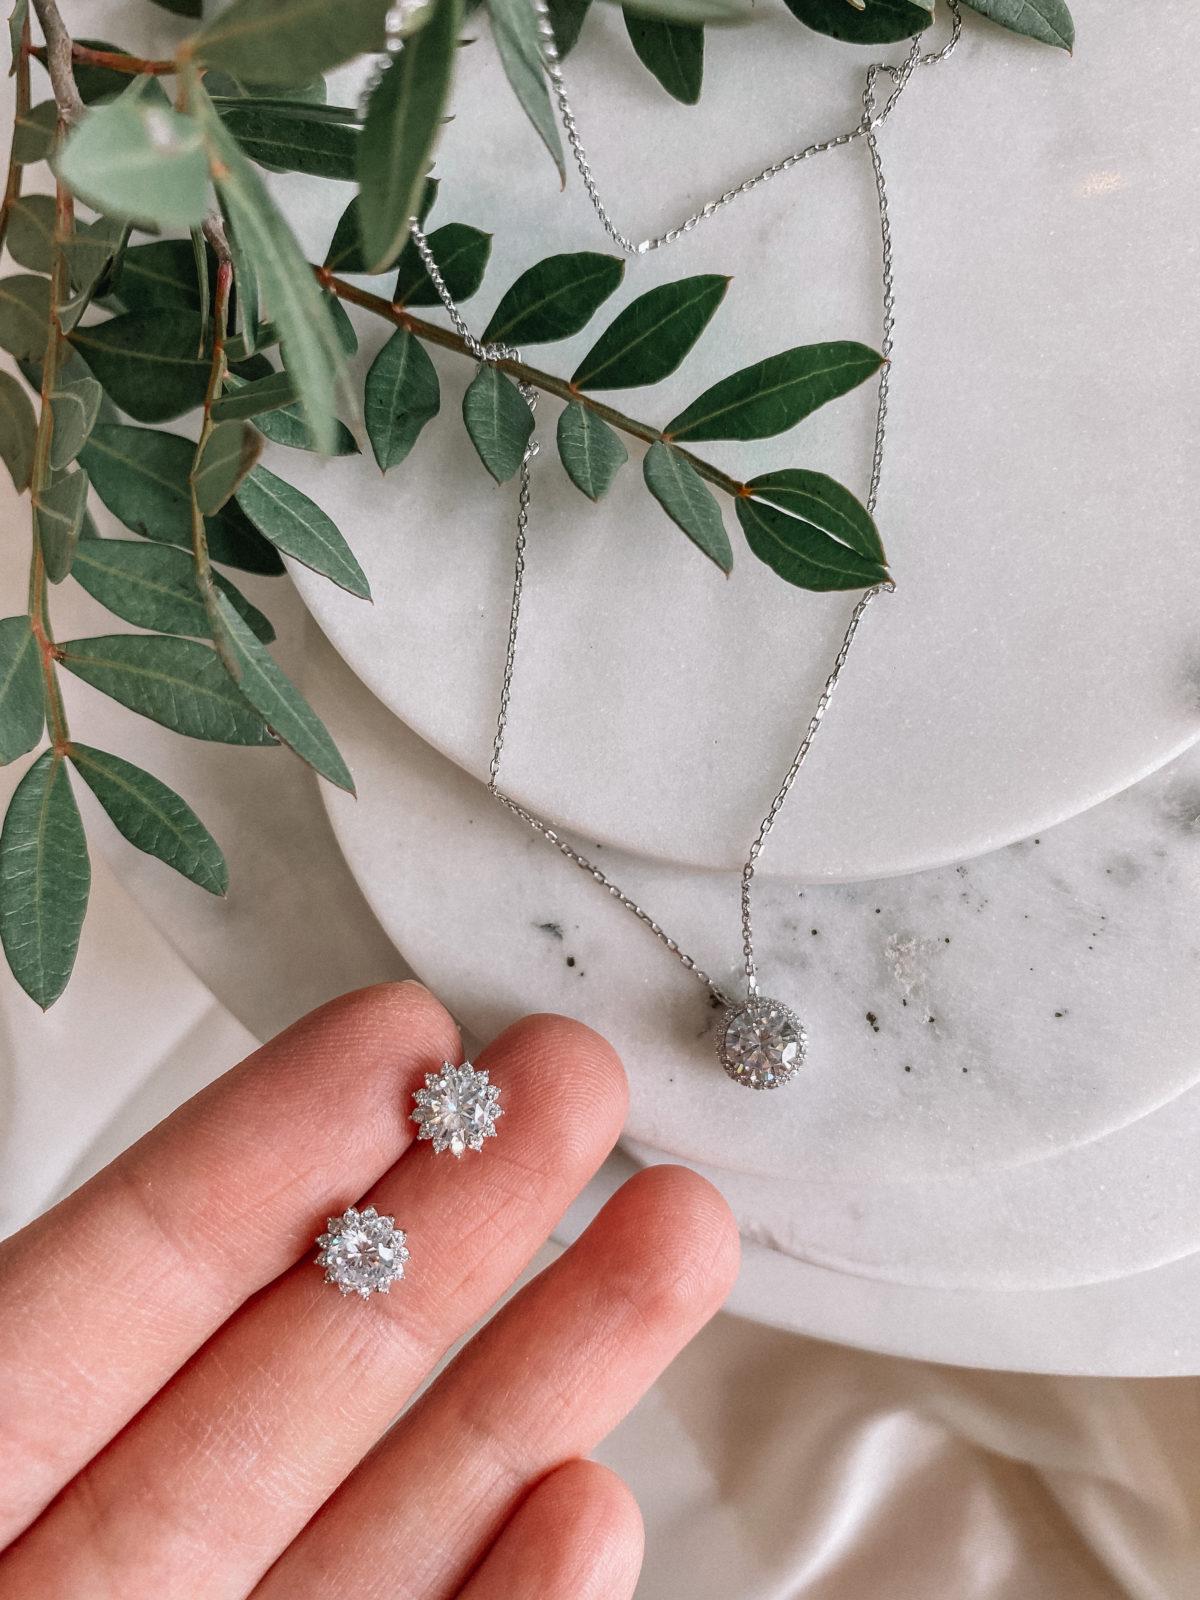 В комплект входят цепочка с кулоном и серьги-пусеты. Изделия комплекта изготовлены из серебра 925 пробы с родиевым покрытием и цирконов.